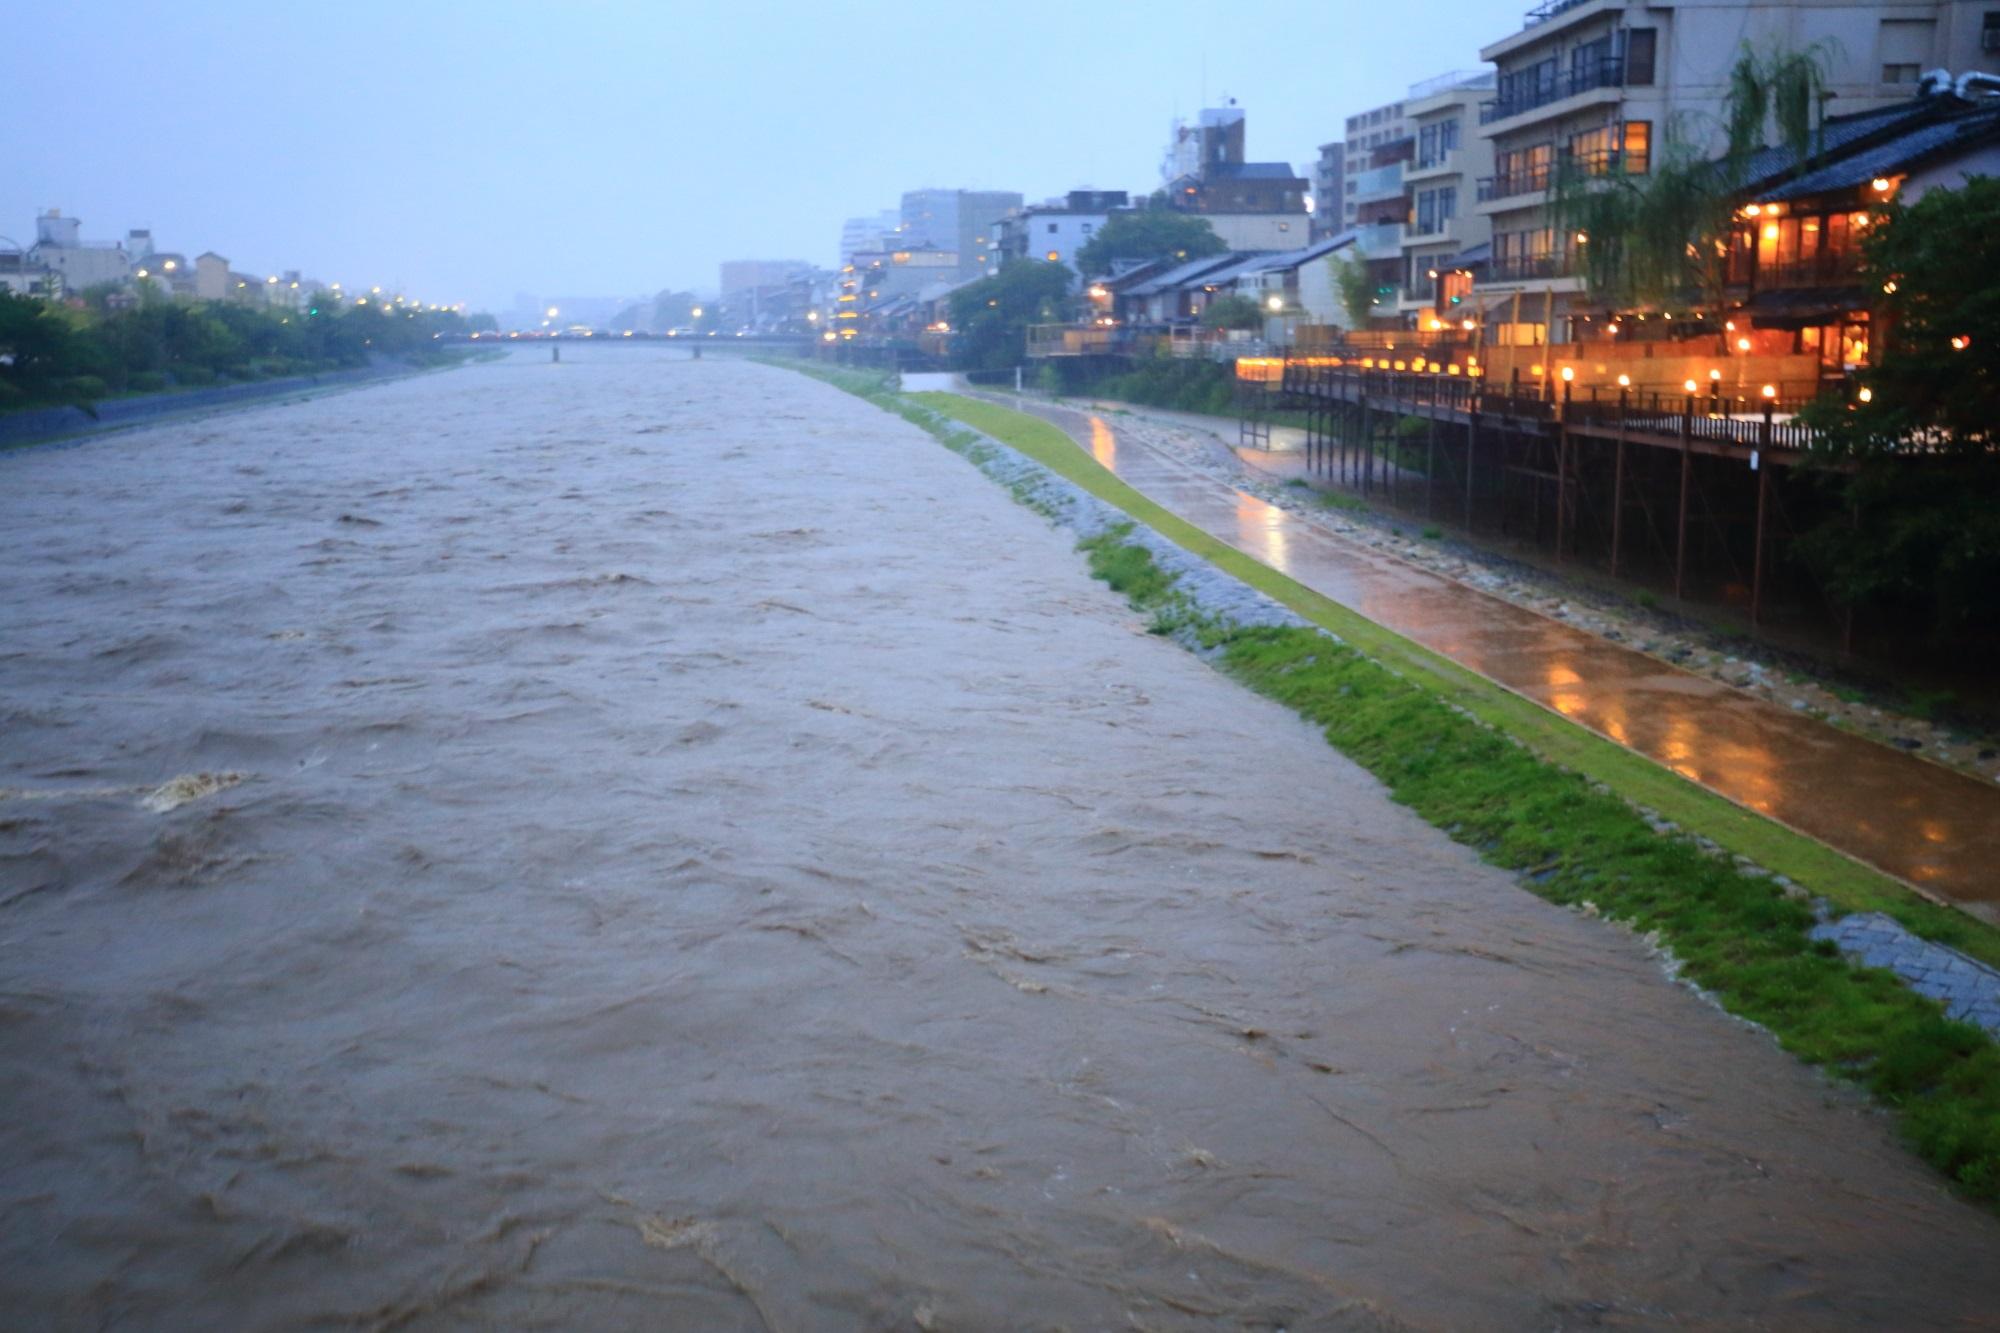 みそそぎ川との間の河川敷はまだ辛うじて残っている鴨川